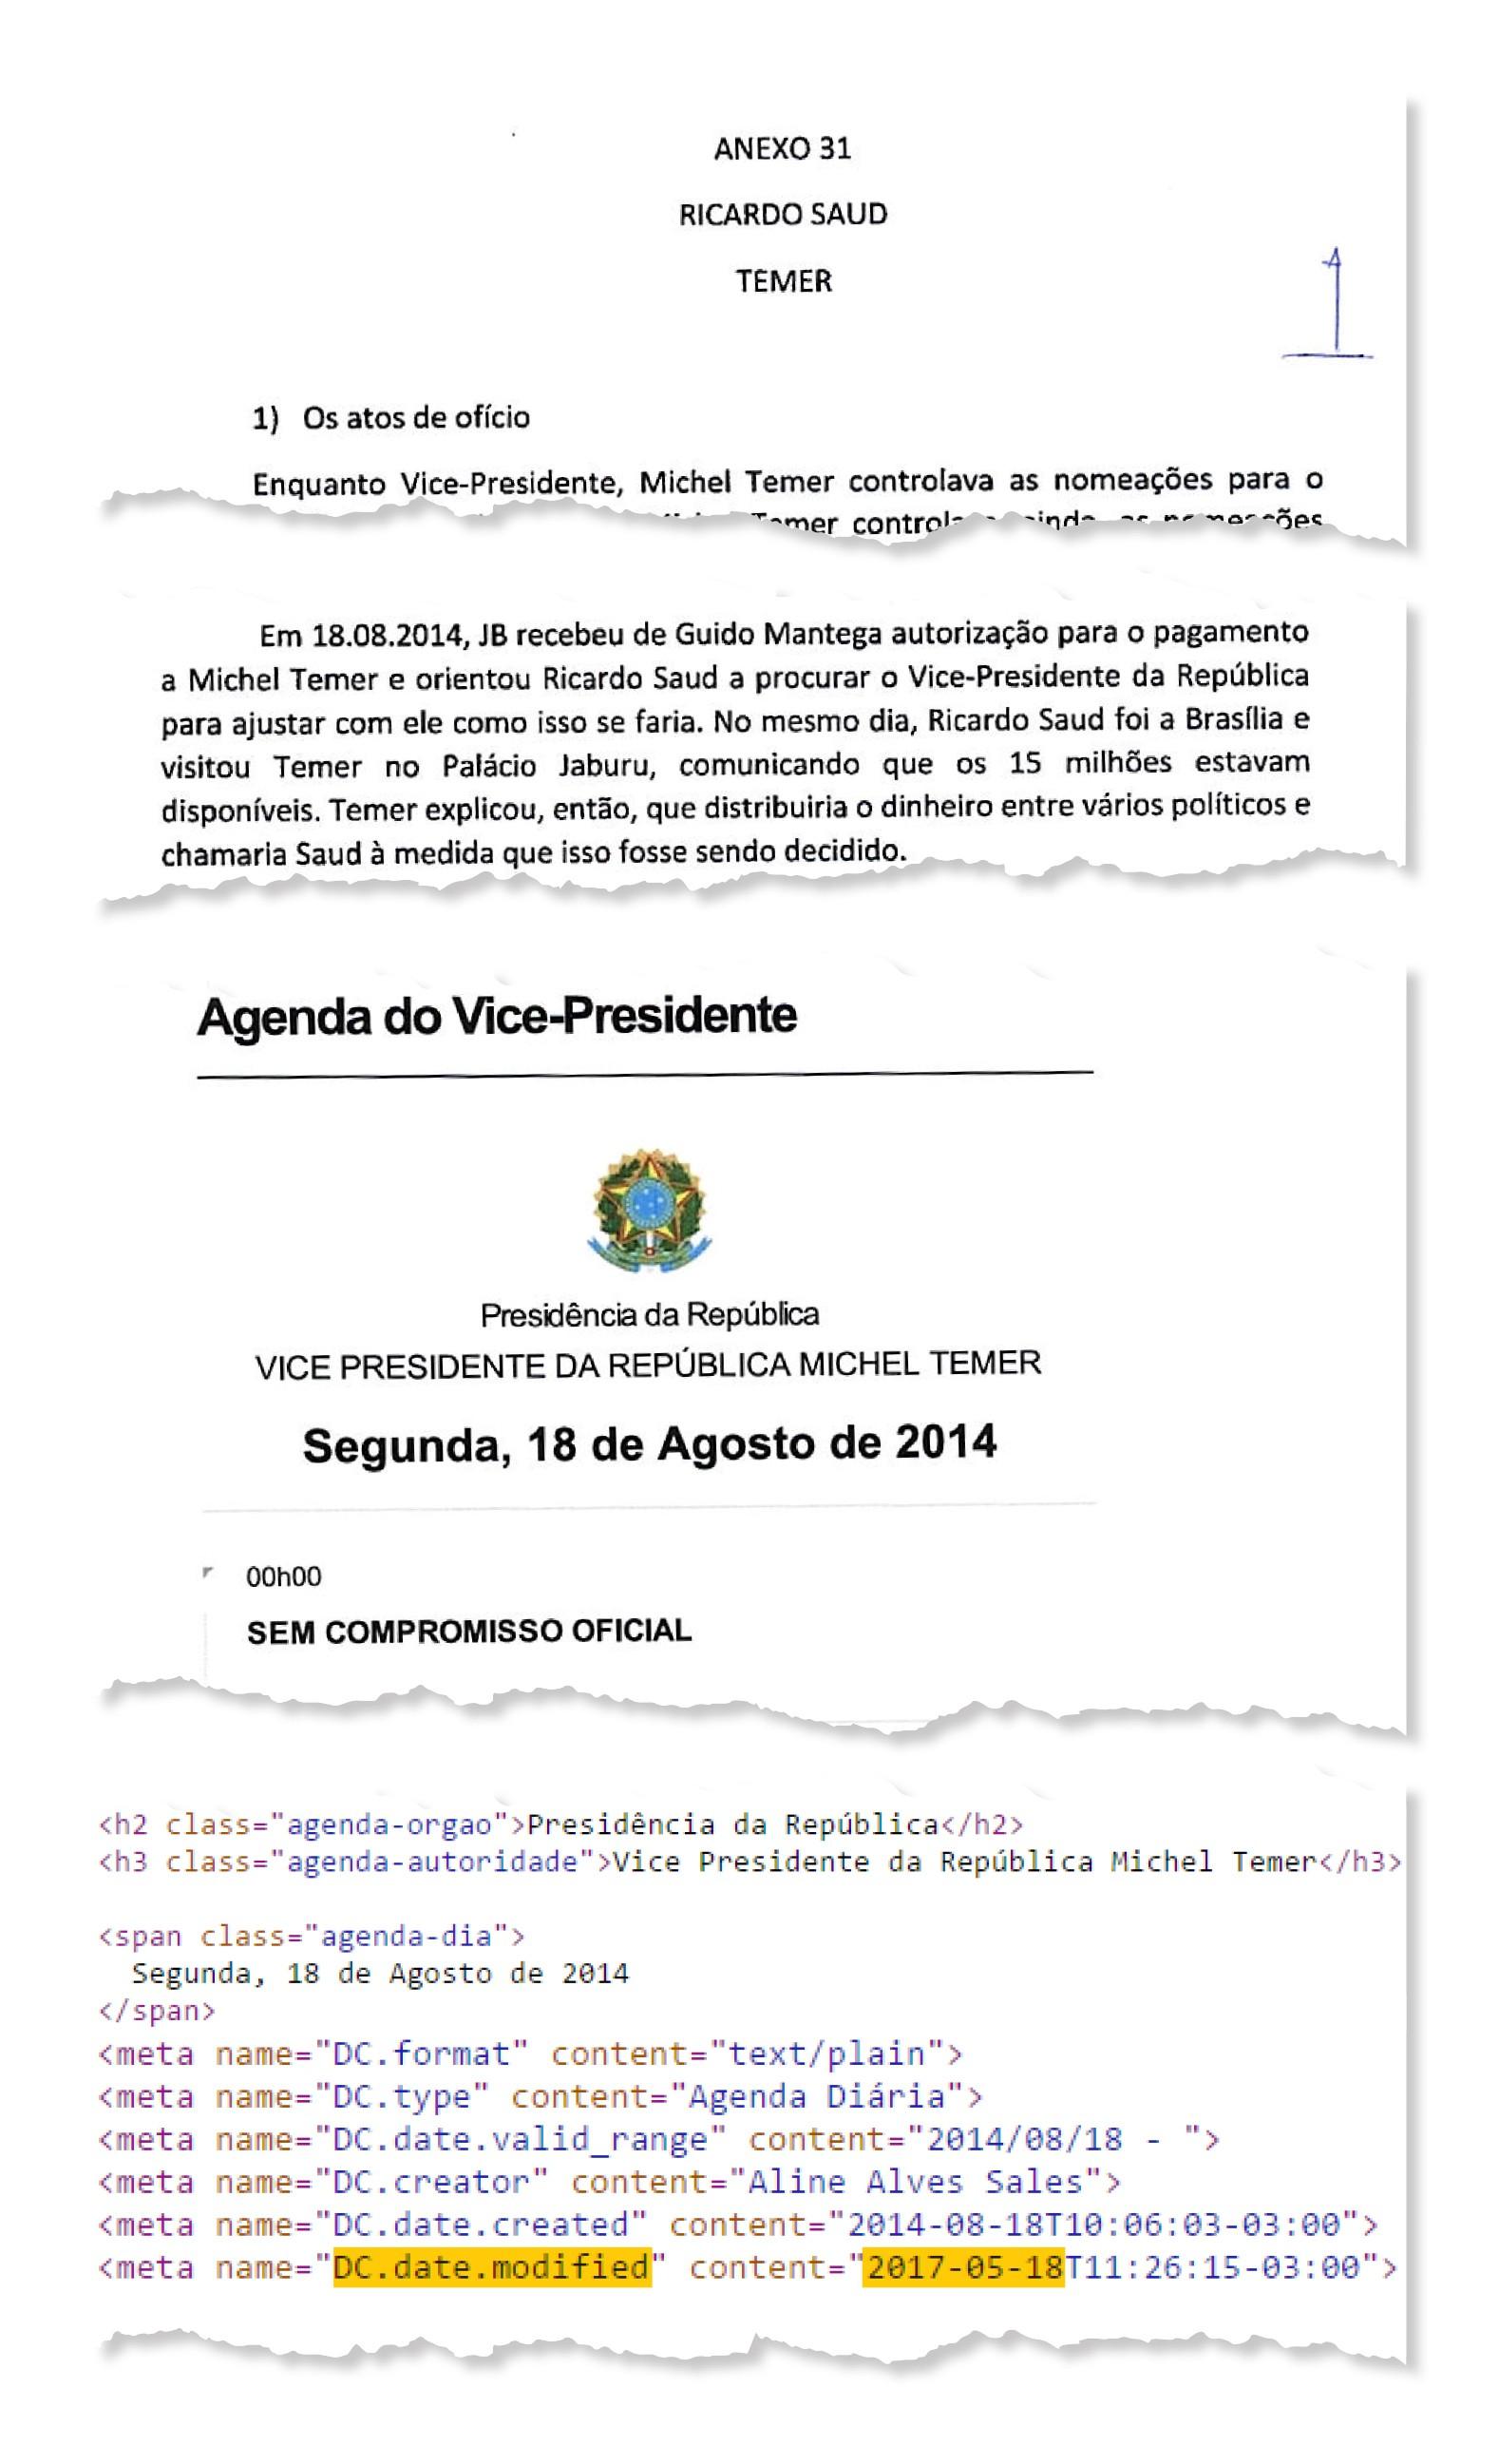 Agenda da vice-presidência não registrou encontro com executivo da JBS; código-fonte alteração no dia da Operação Patmos (Foto: Reprodução)